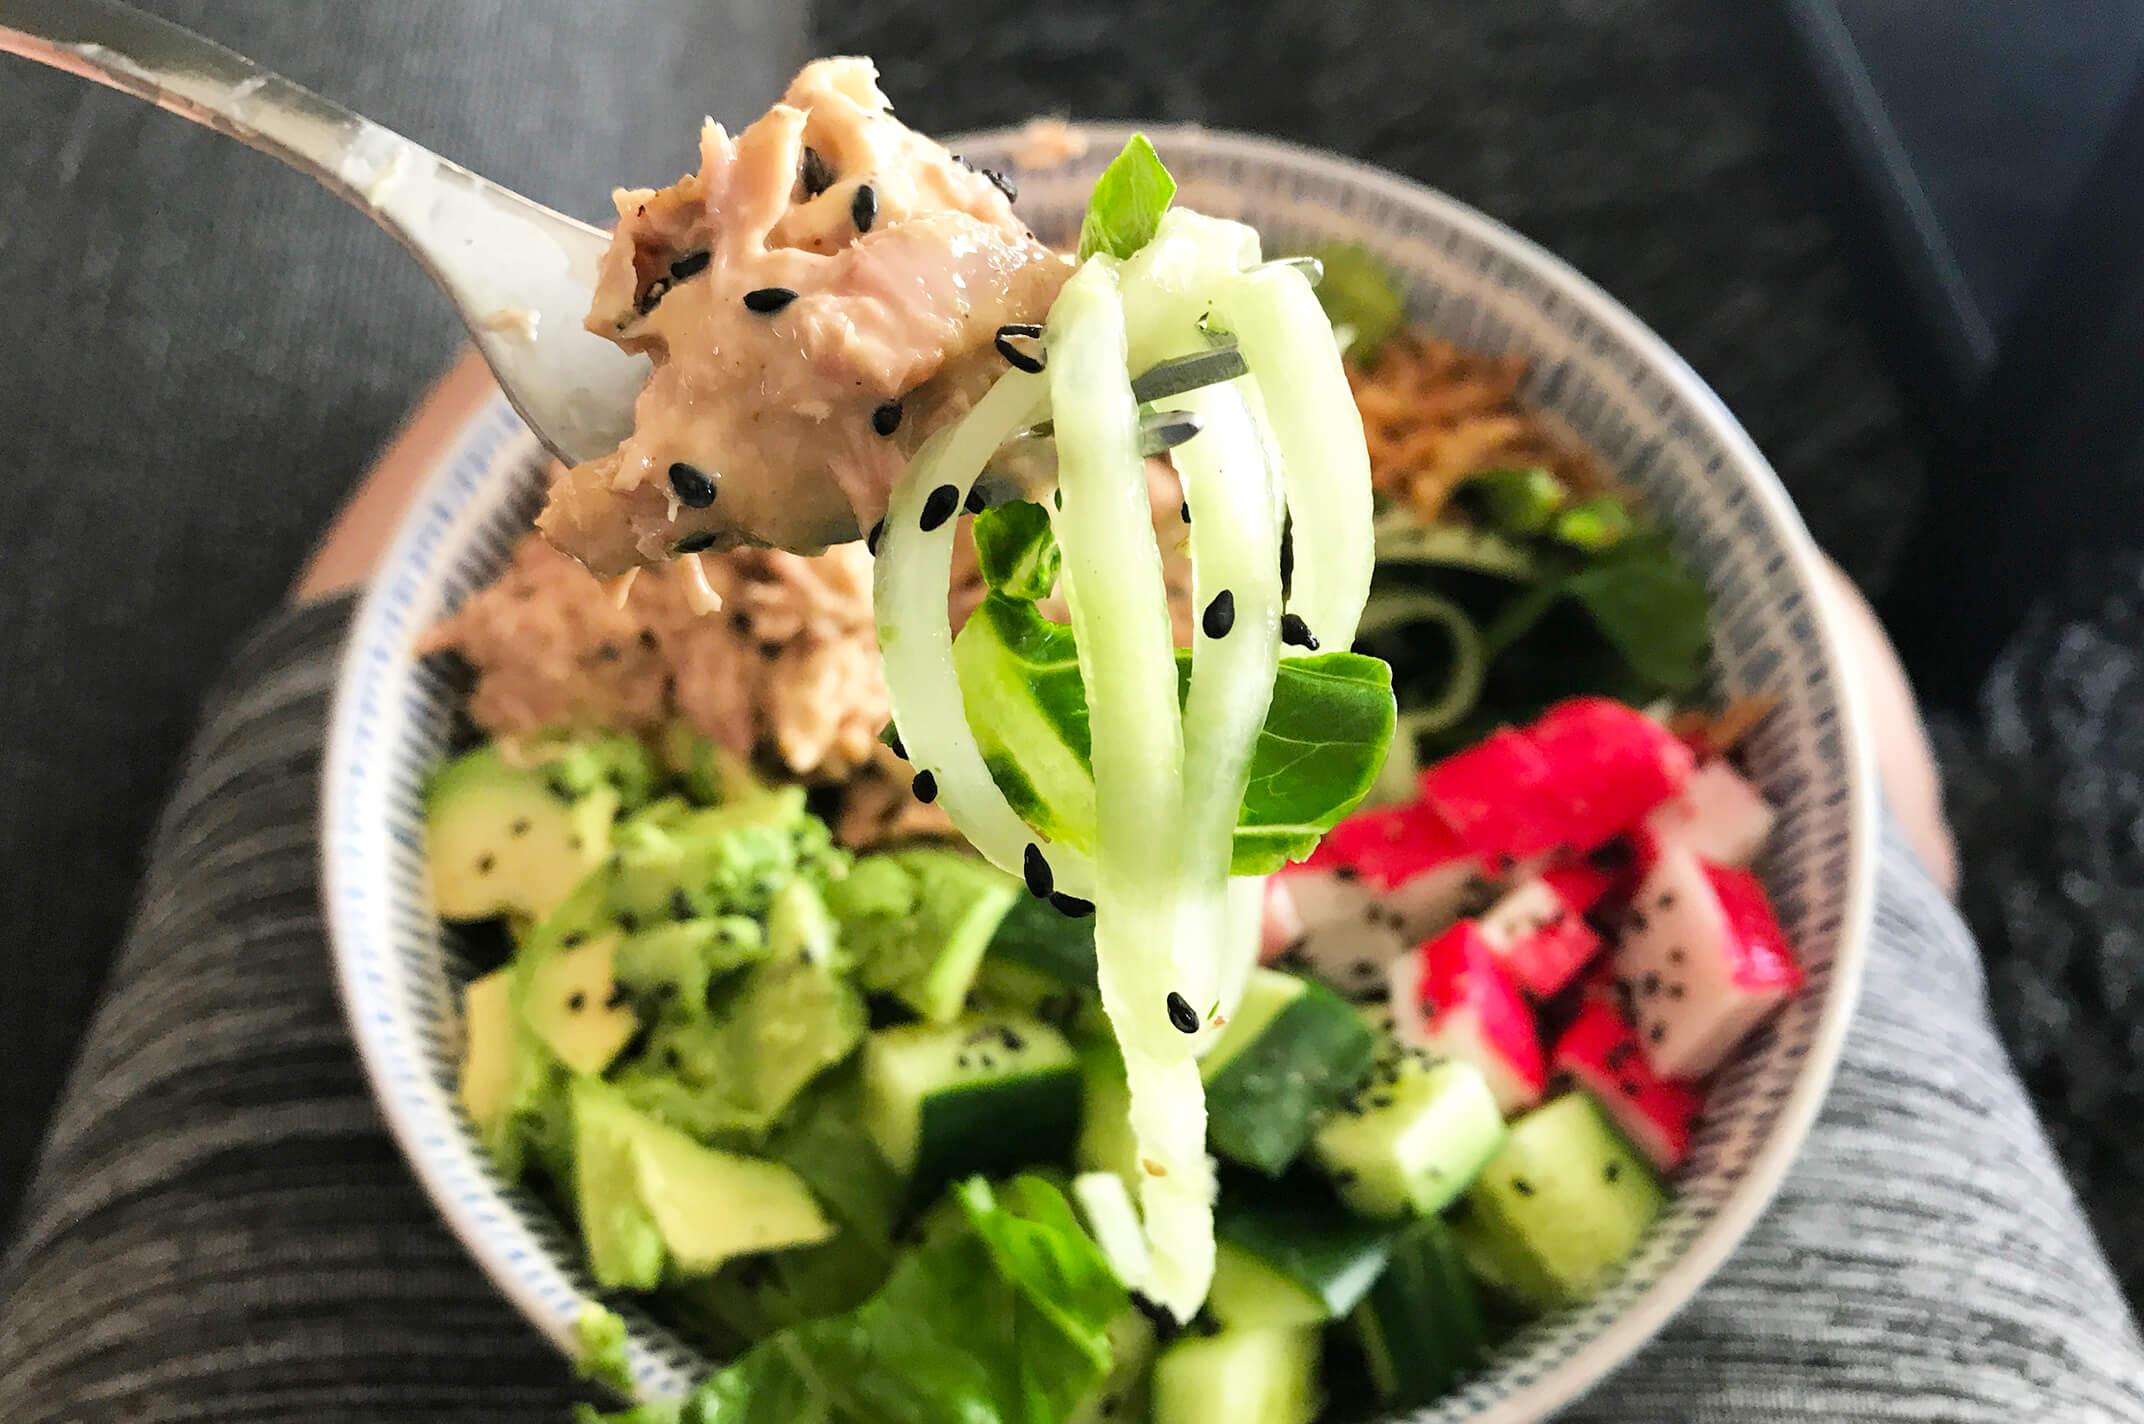 Uitzonderlijk Recept: Pokébowl met sla, tonijn en avocado - Fitaddict.nl #NB34